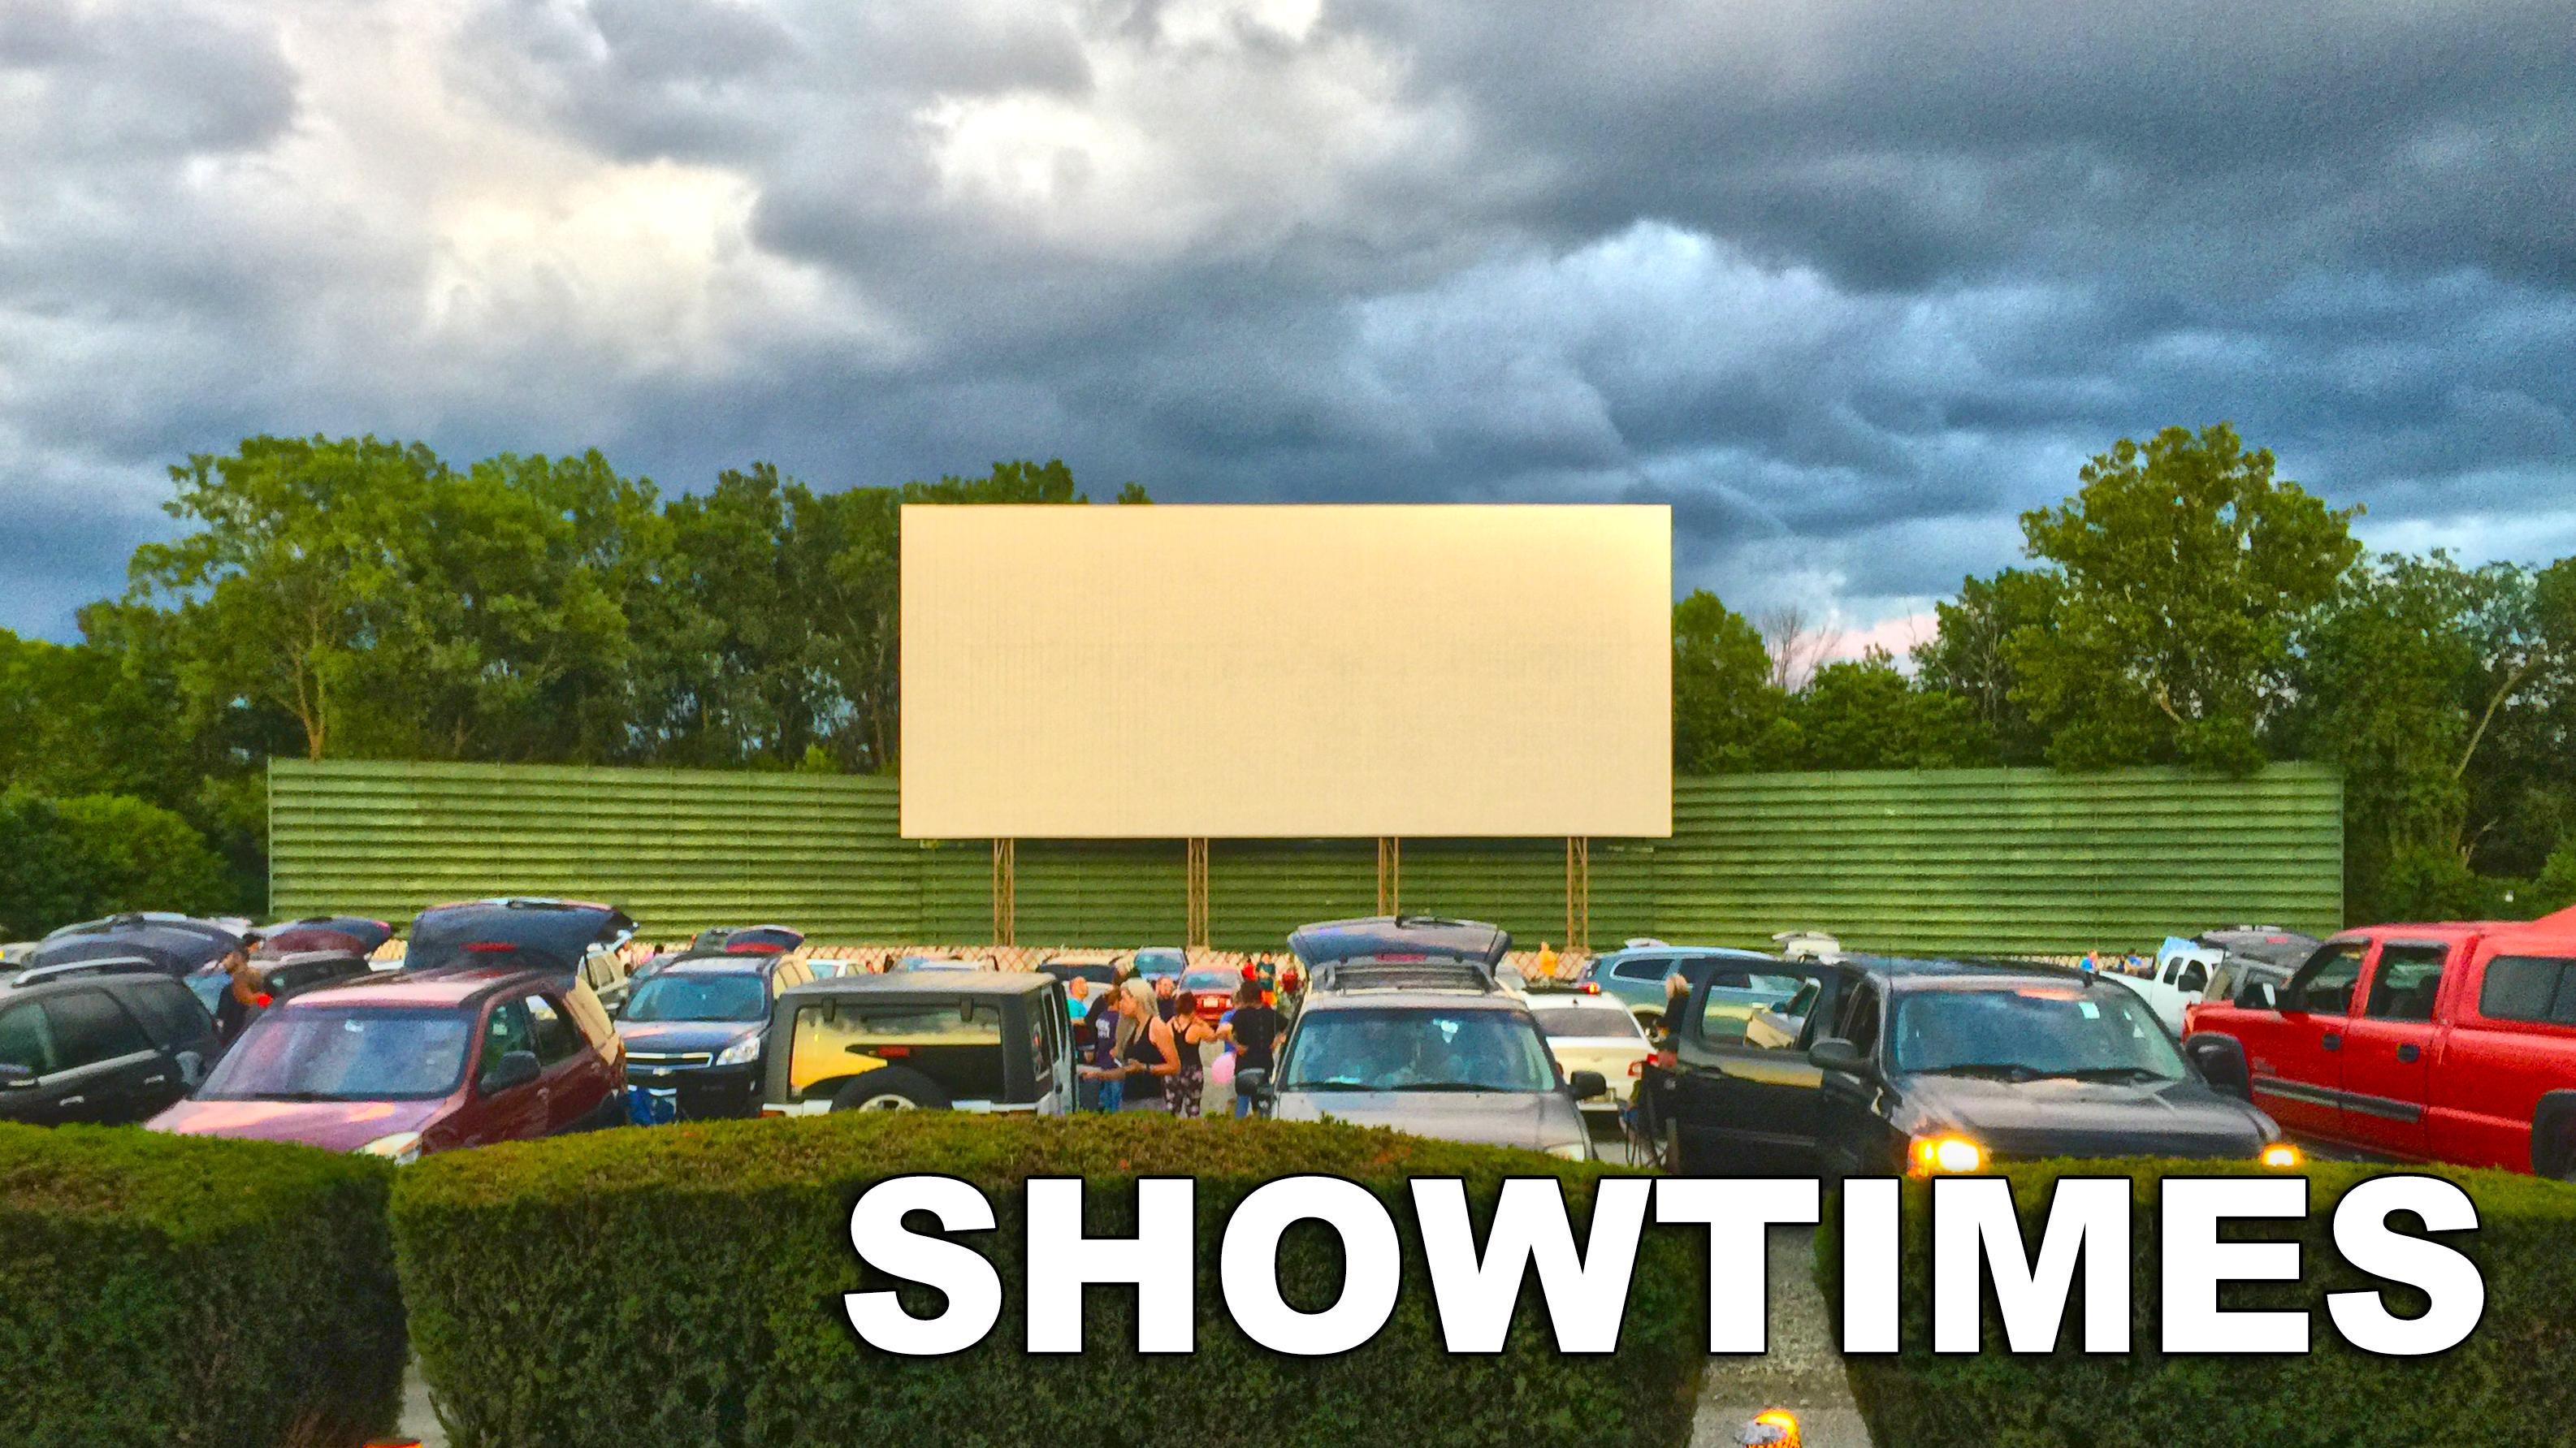 Showtimes: Fri-Sun 6/05/2020 – 6/07/2020